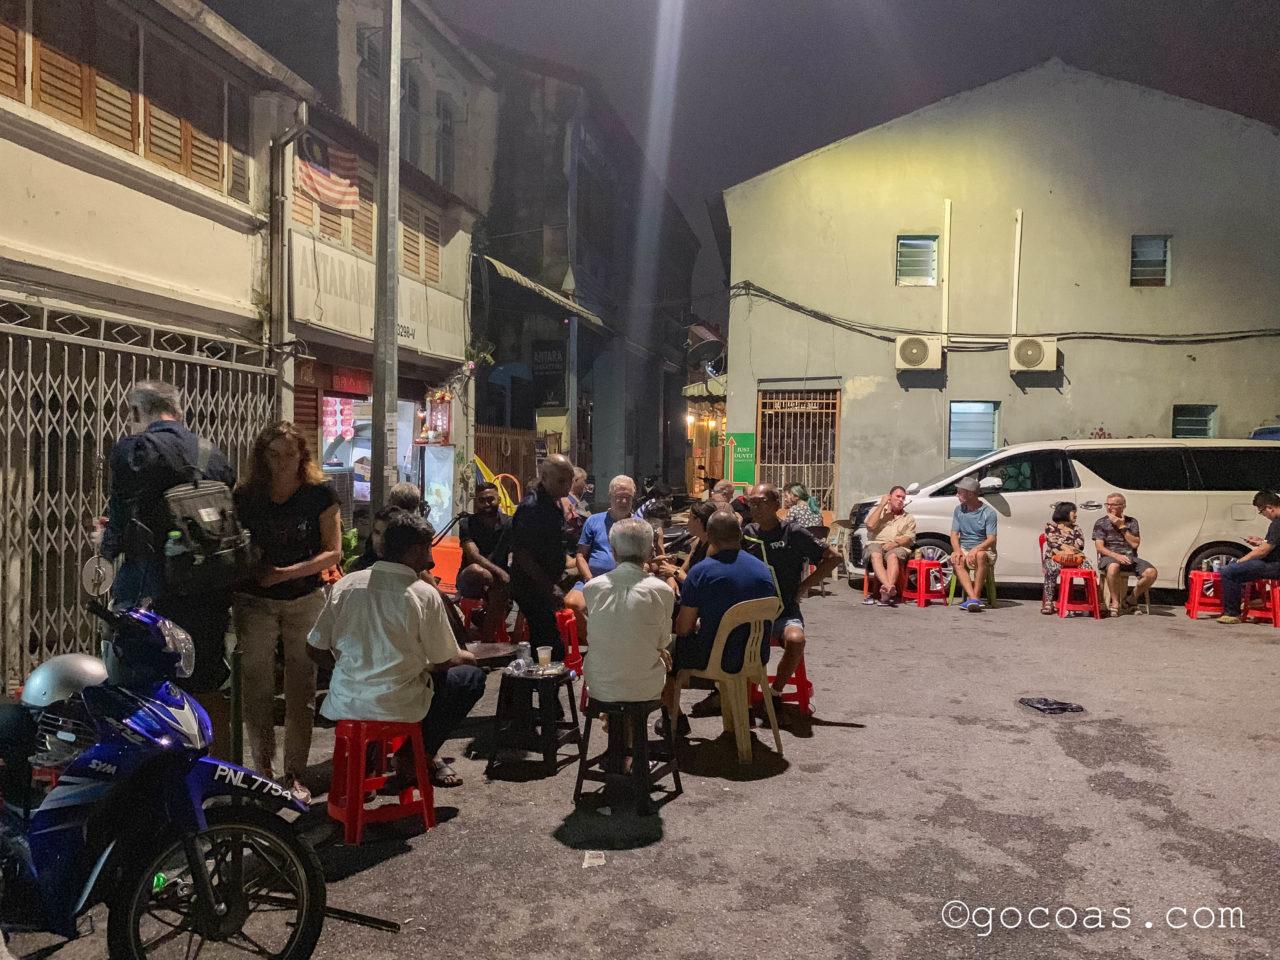 ペナン島の夜の街中にあった酒屋に集まる人